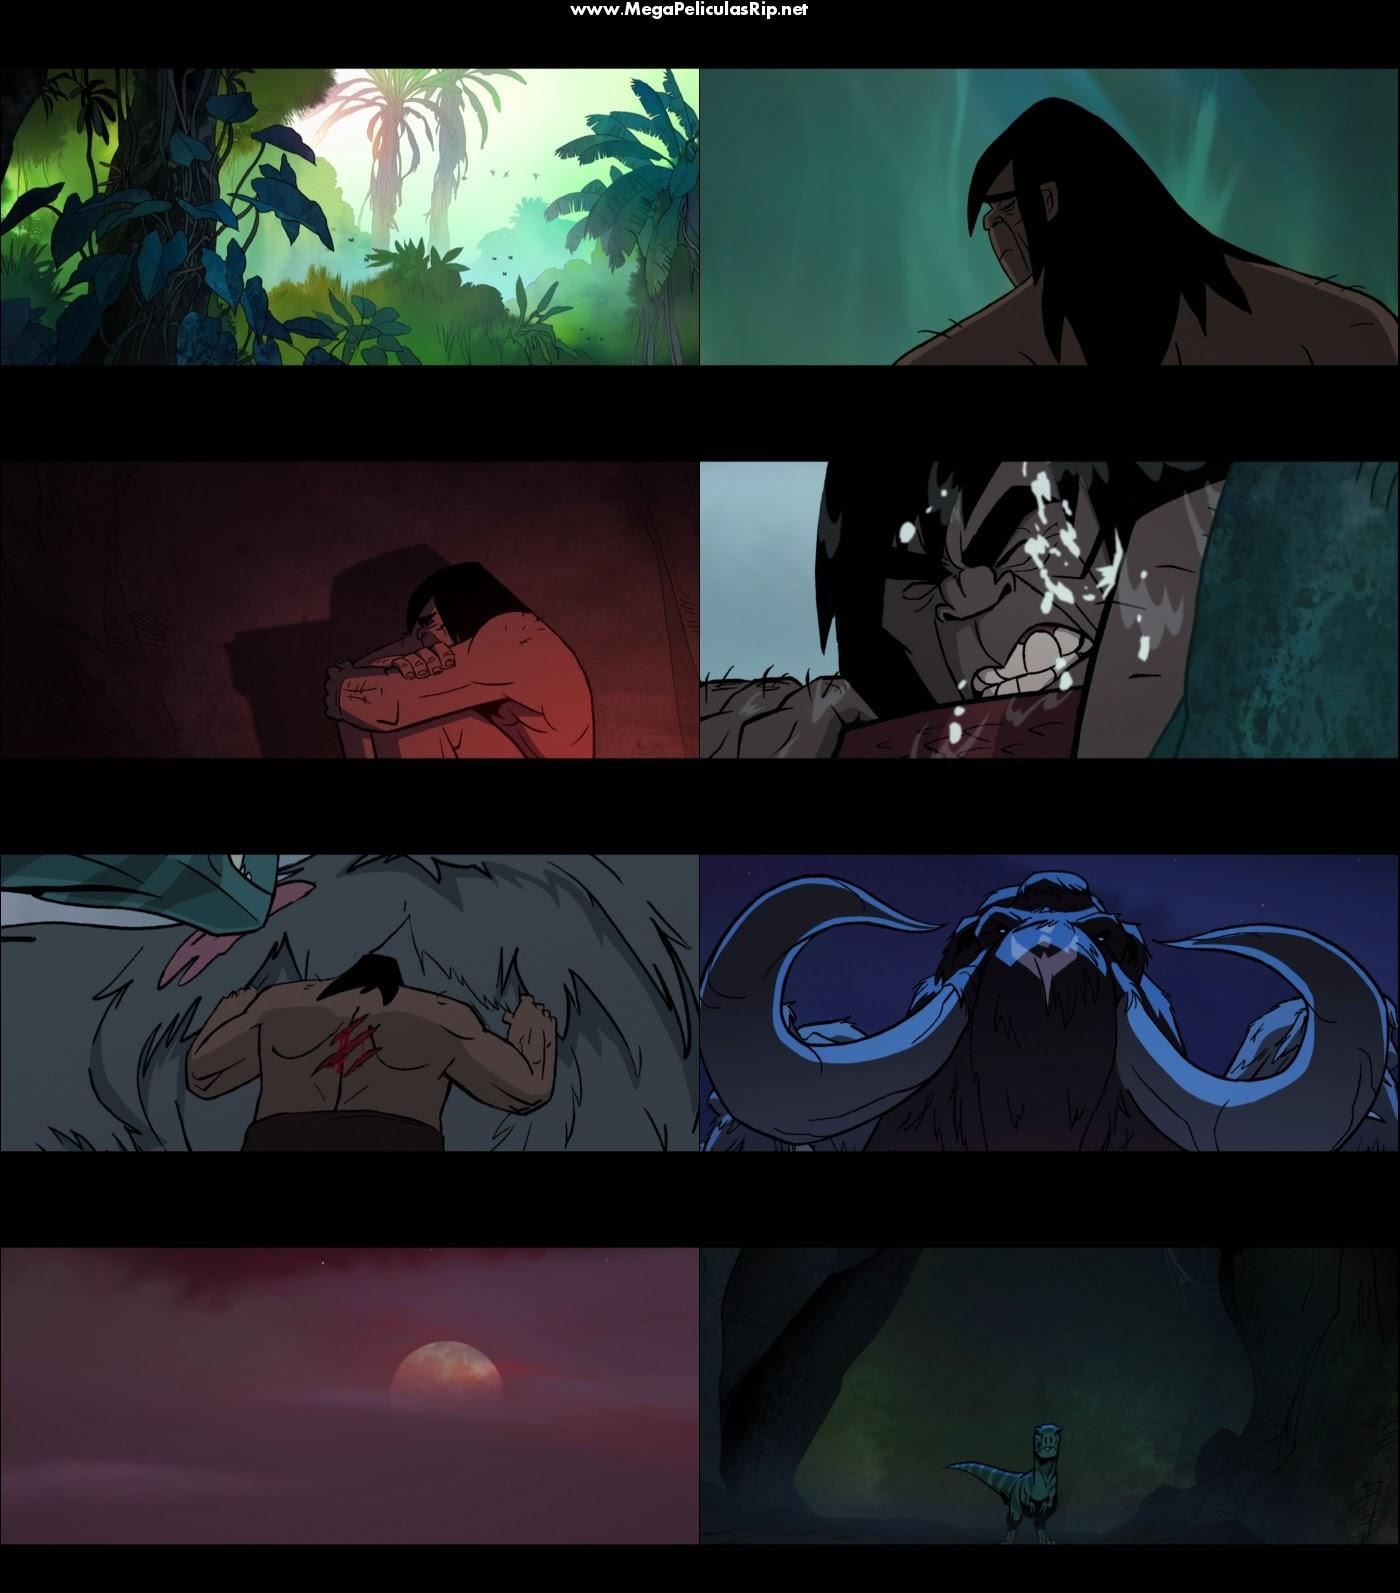 Primal Tales Of Savagery 1080p